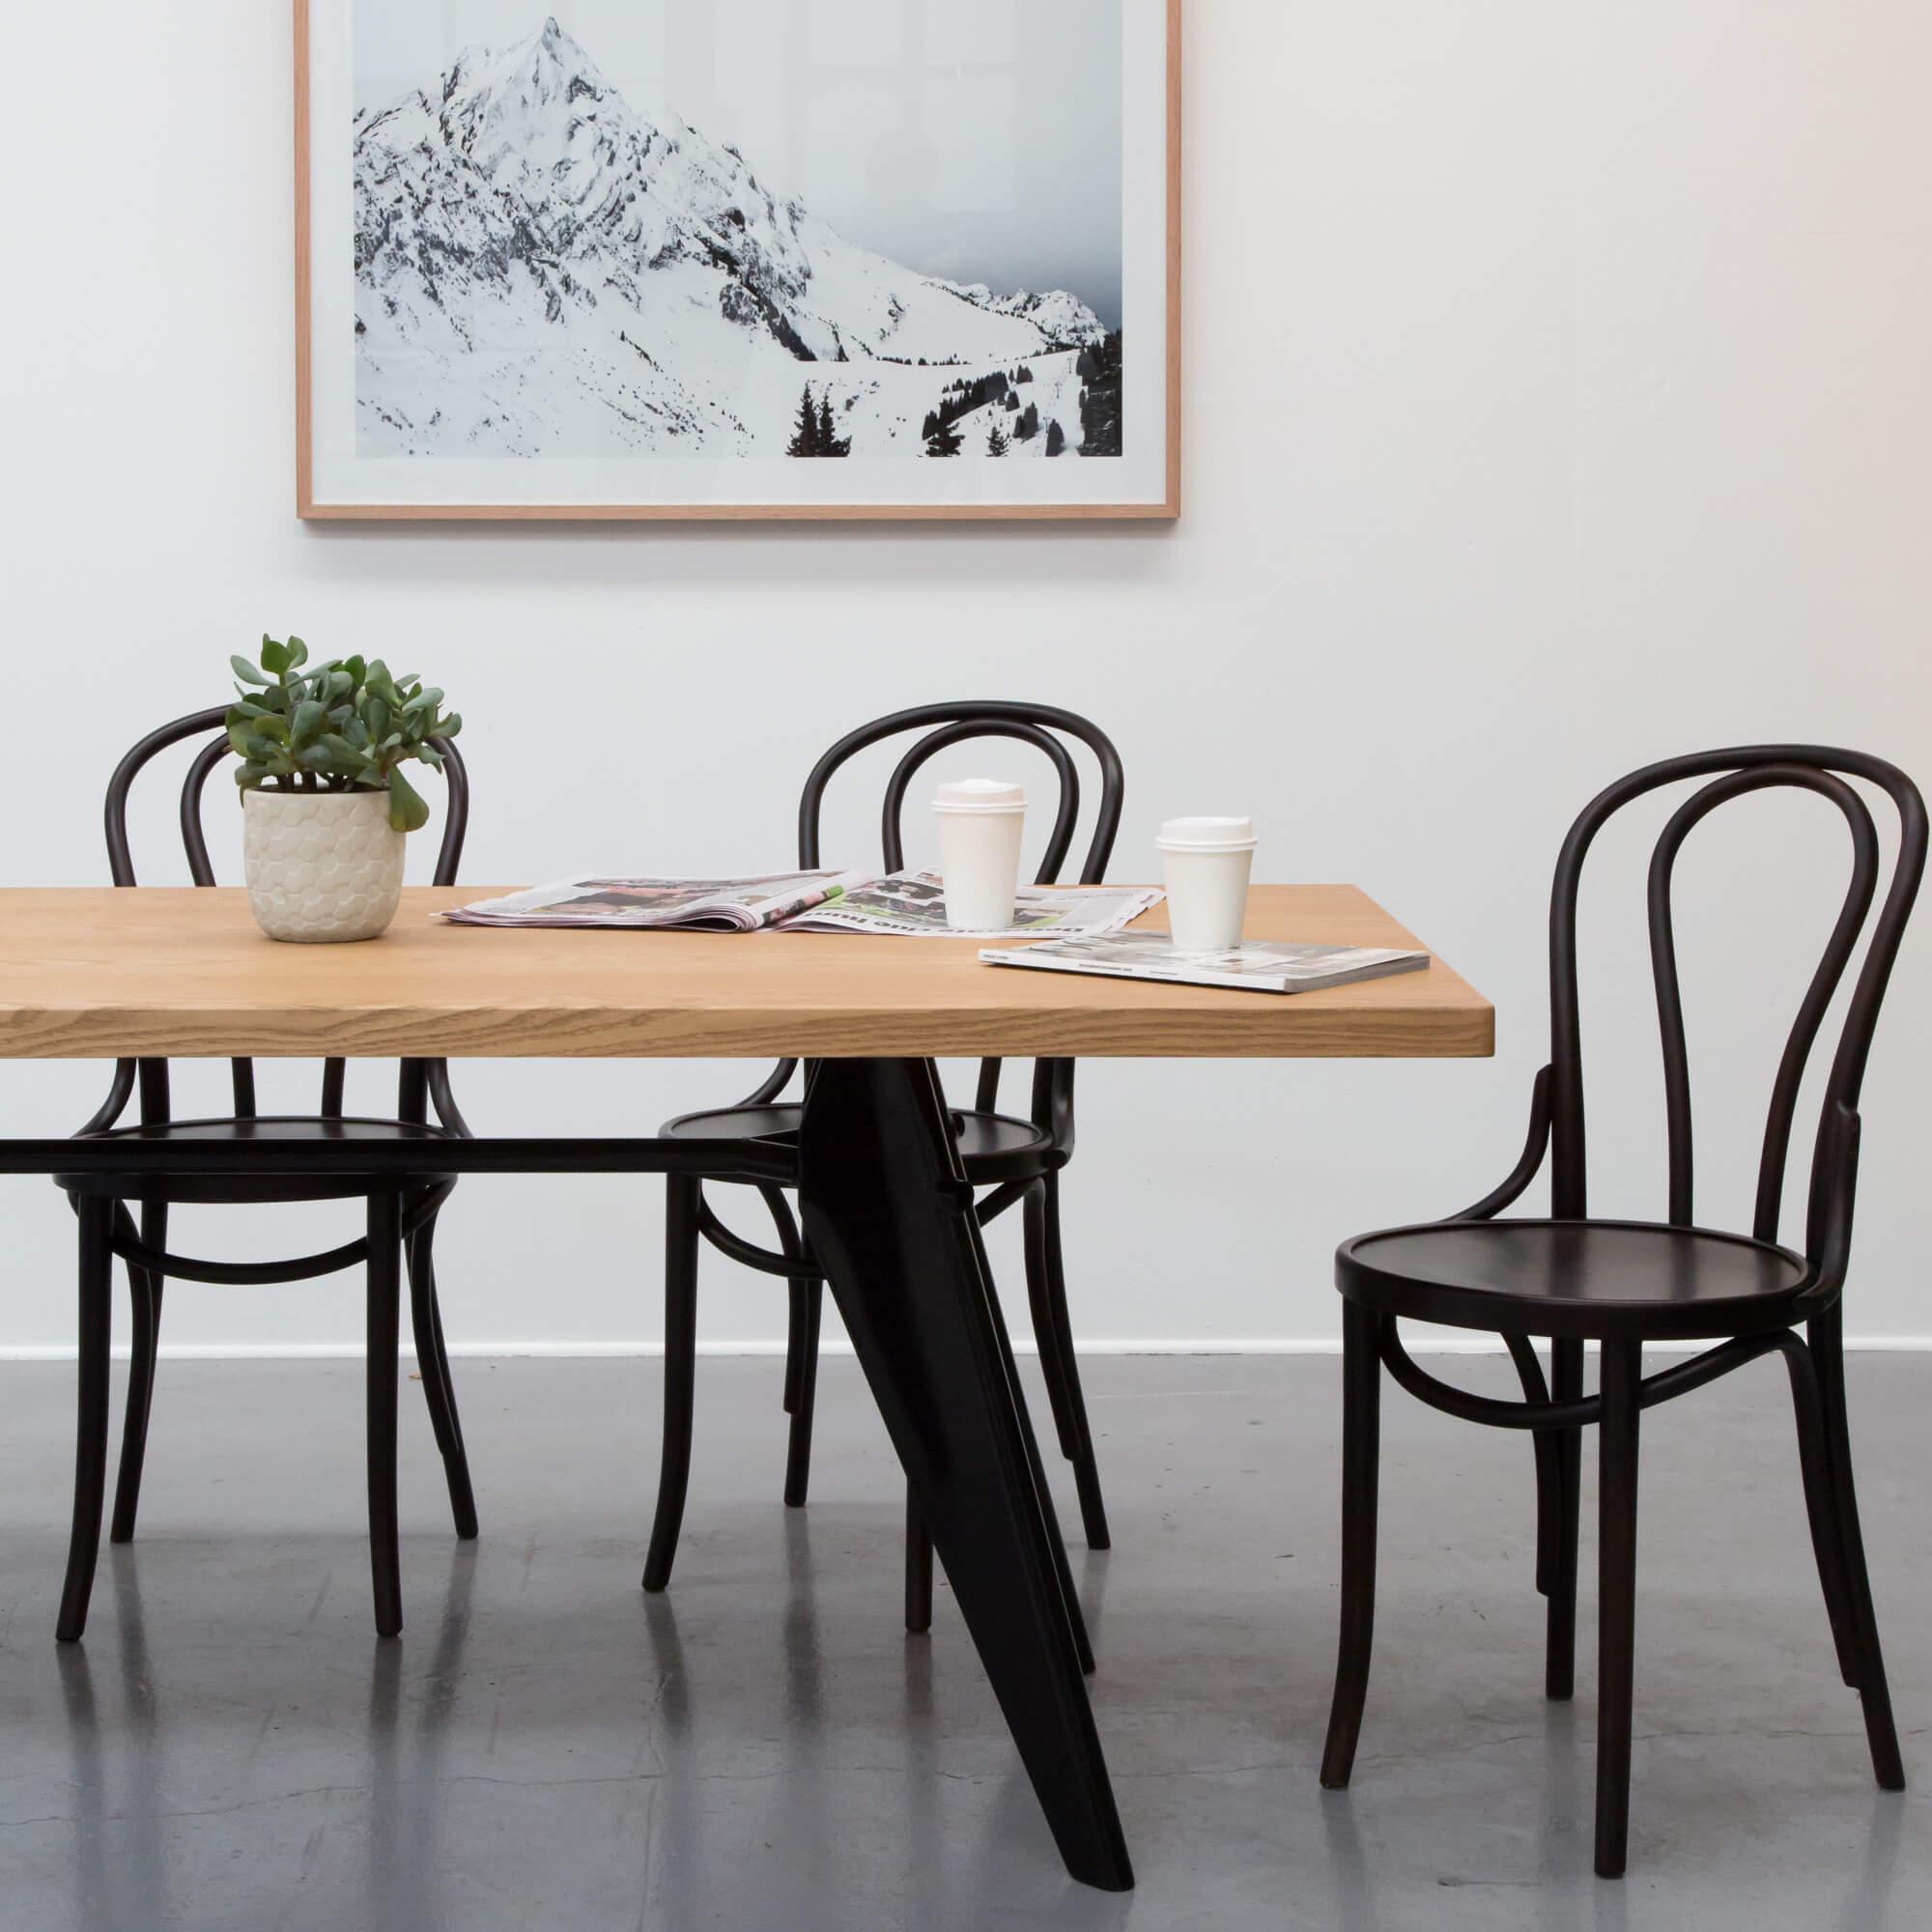 thonet stoelen Résultat Supérieur 50 Merveilleux Thonet Stoel Galerie 2017 Kgit4